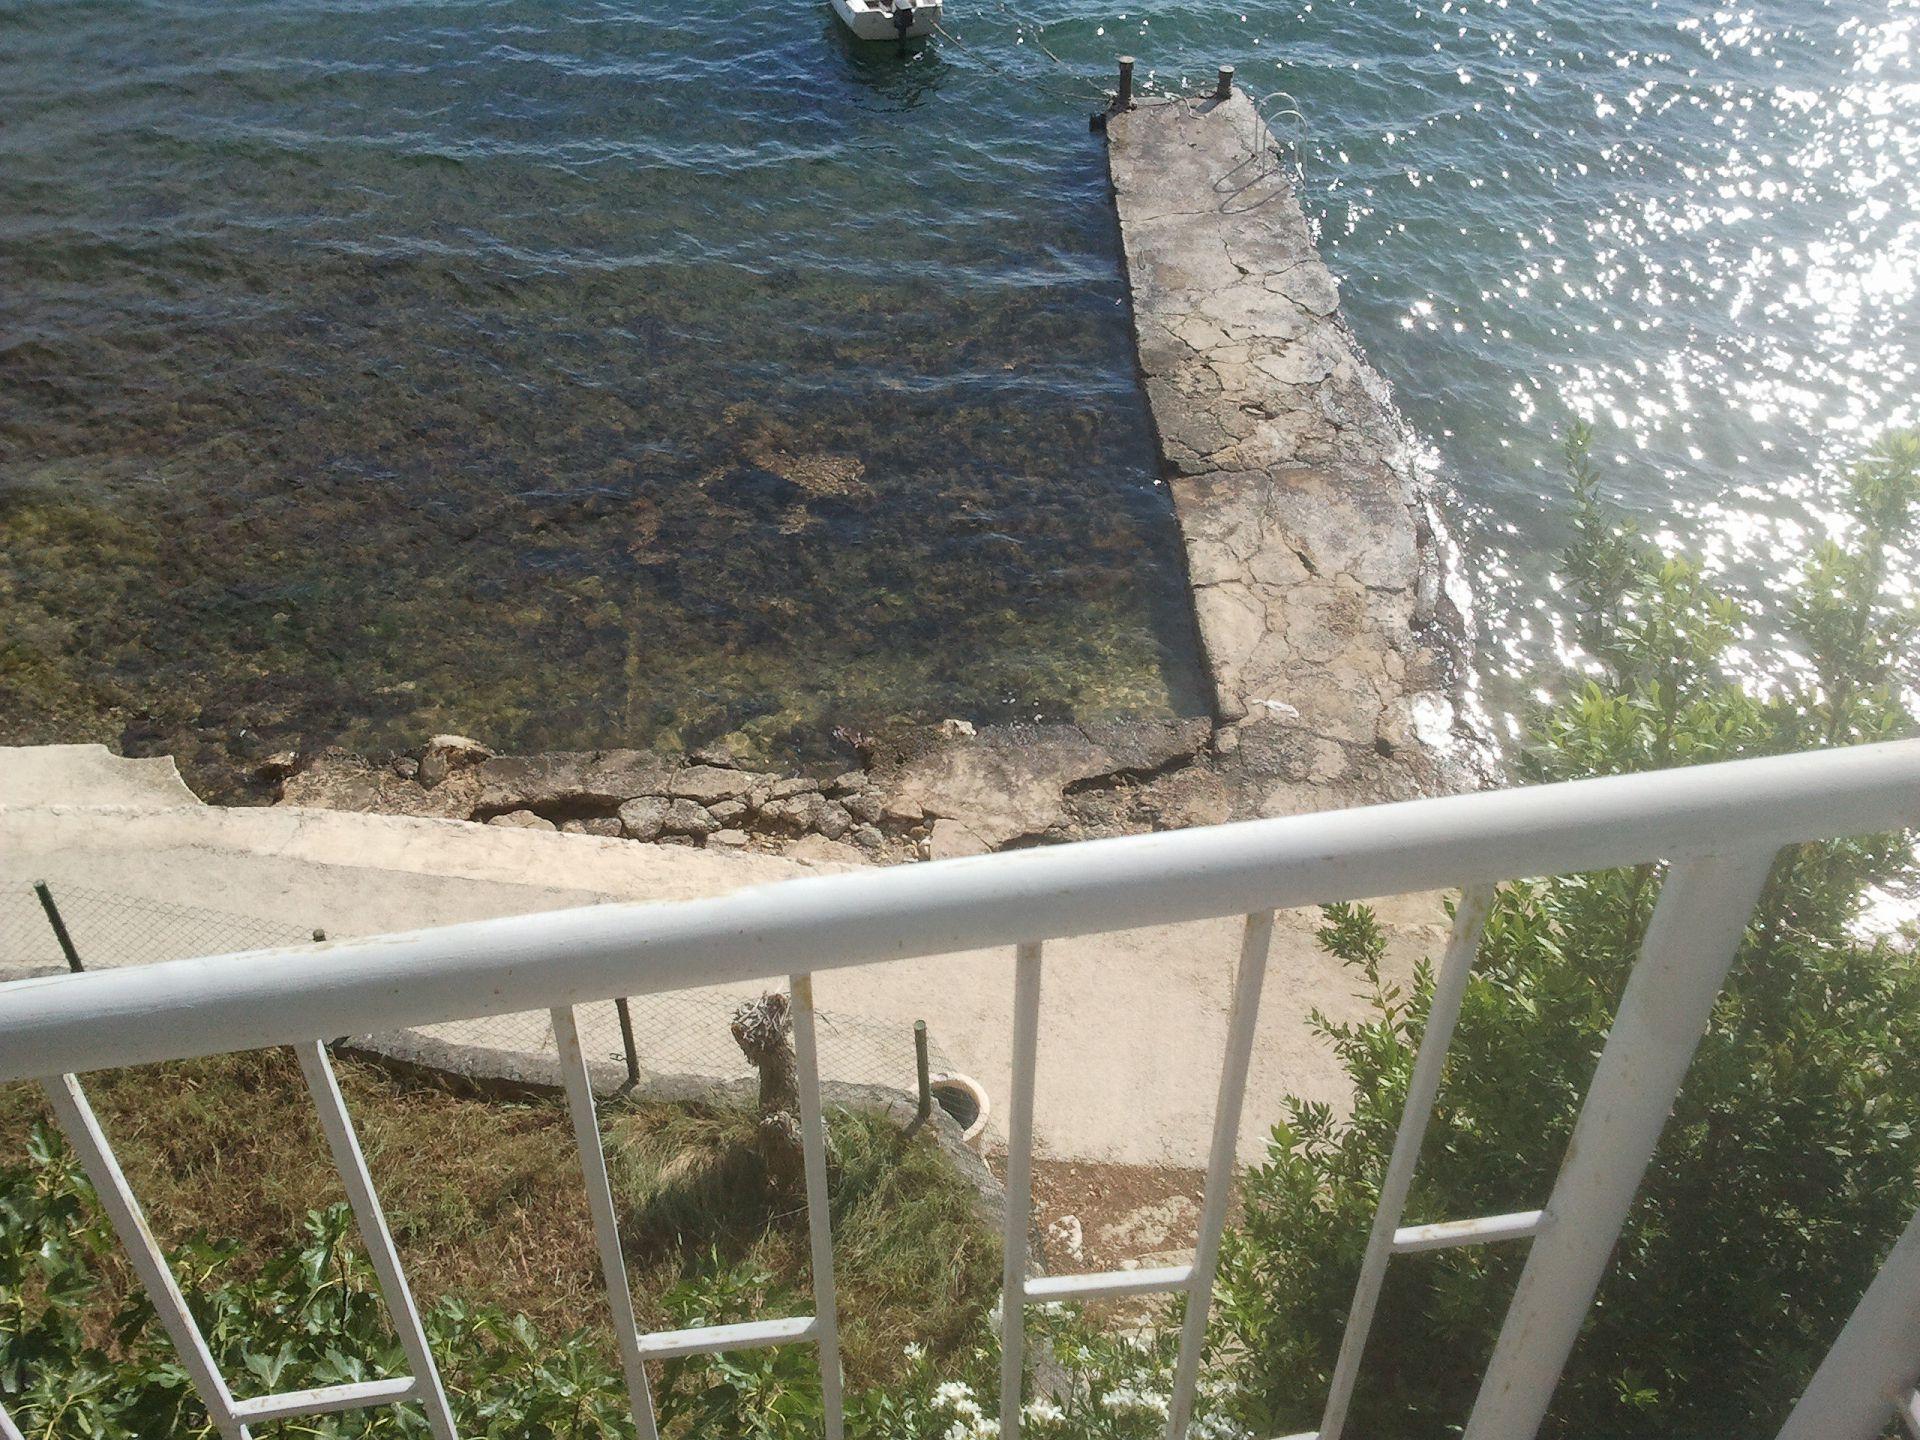 Ferienwohnung Dubravko A1 Bepina (2+2) - Maslenica (817835), Maslenika, , Dalmatien, Kroatien, Bild 4